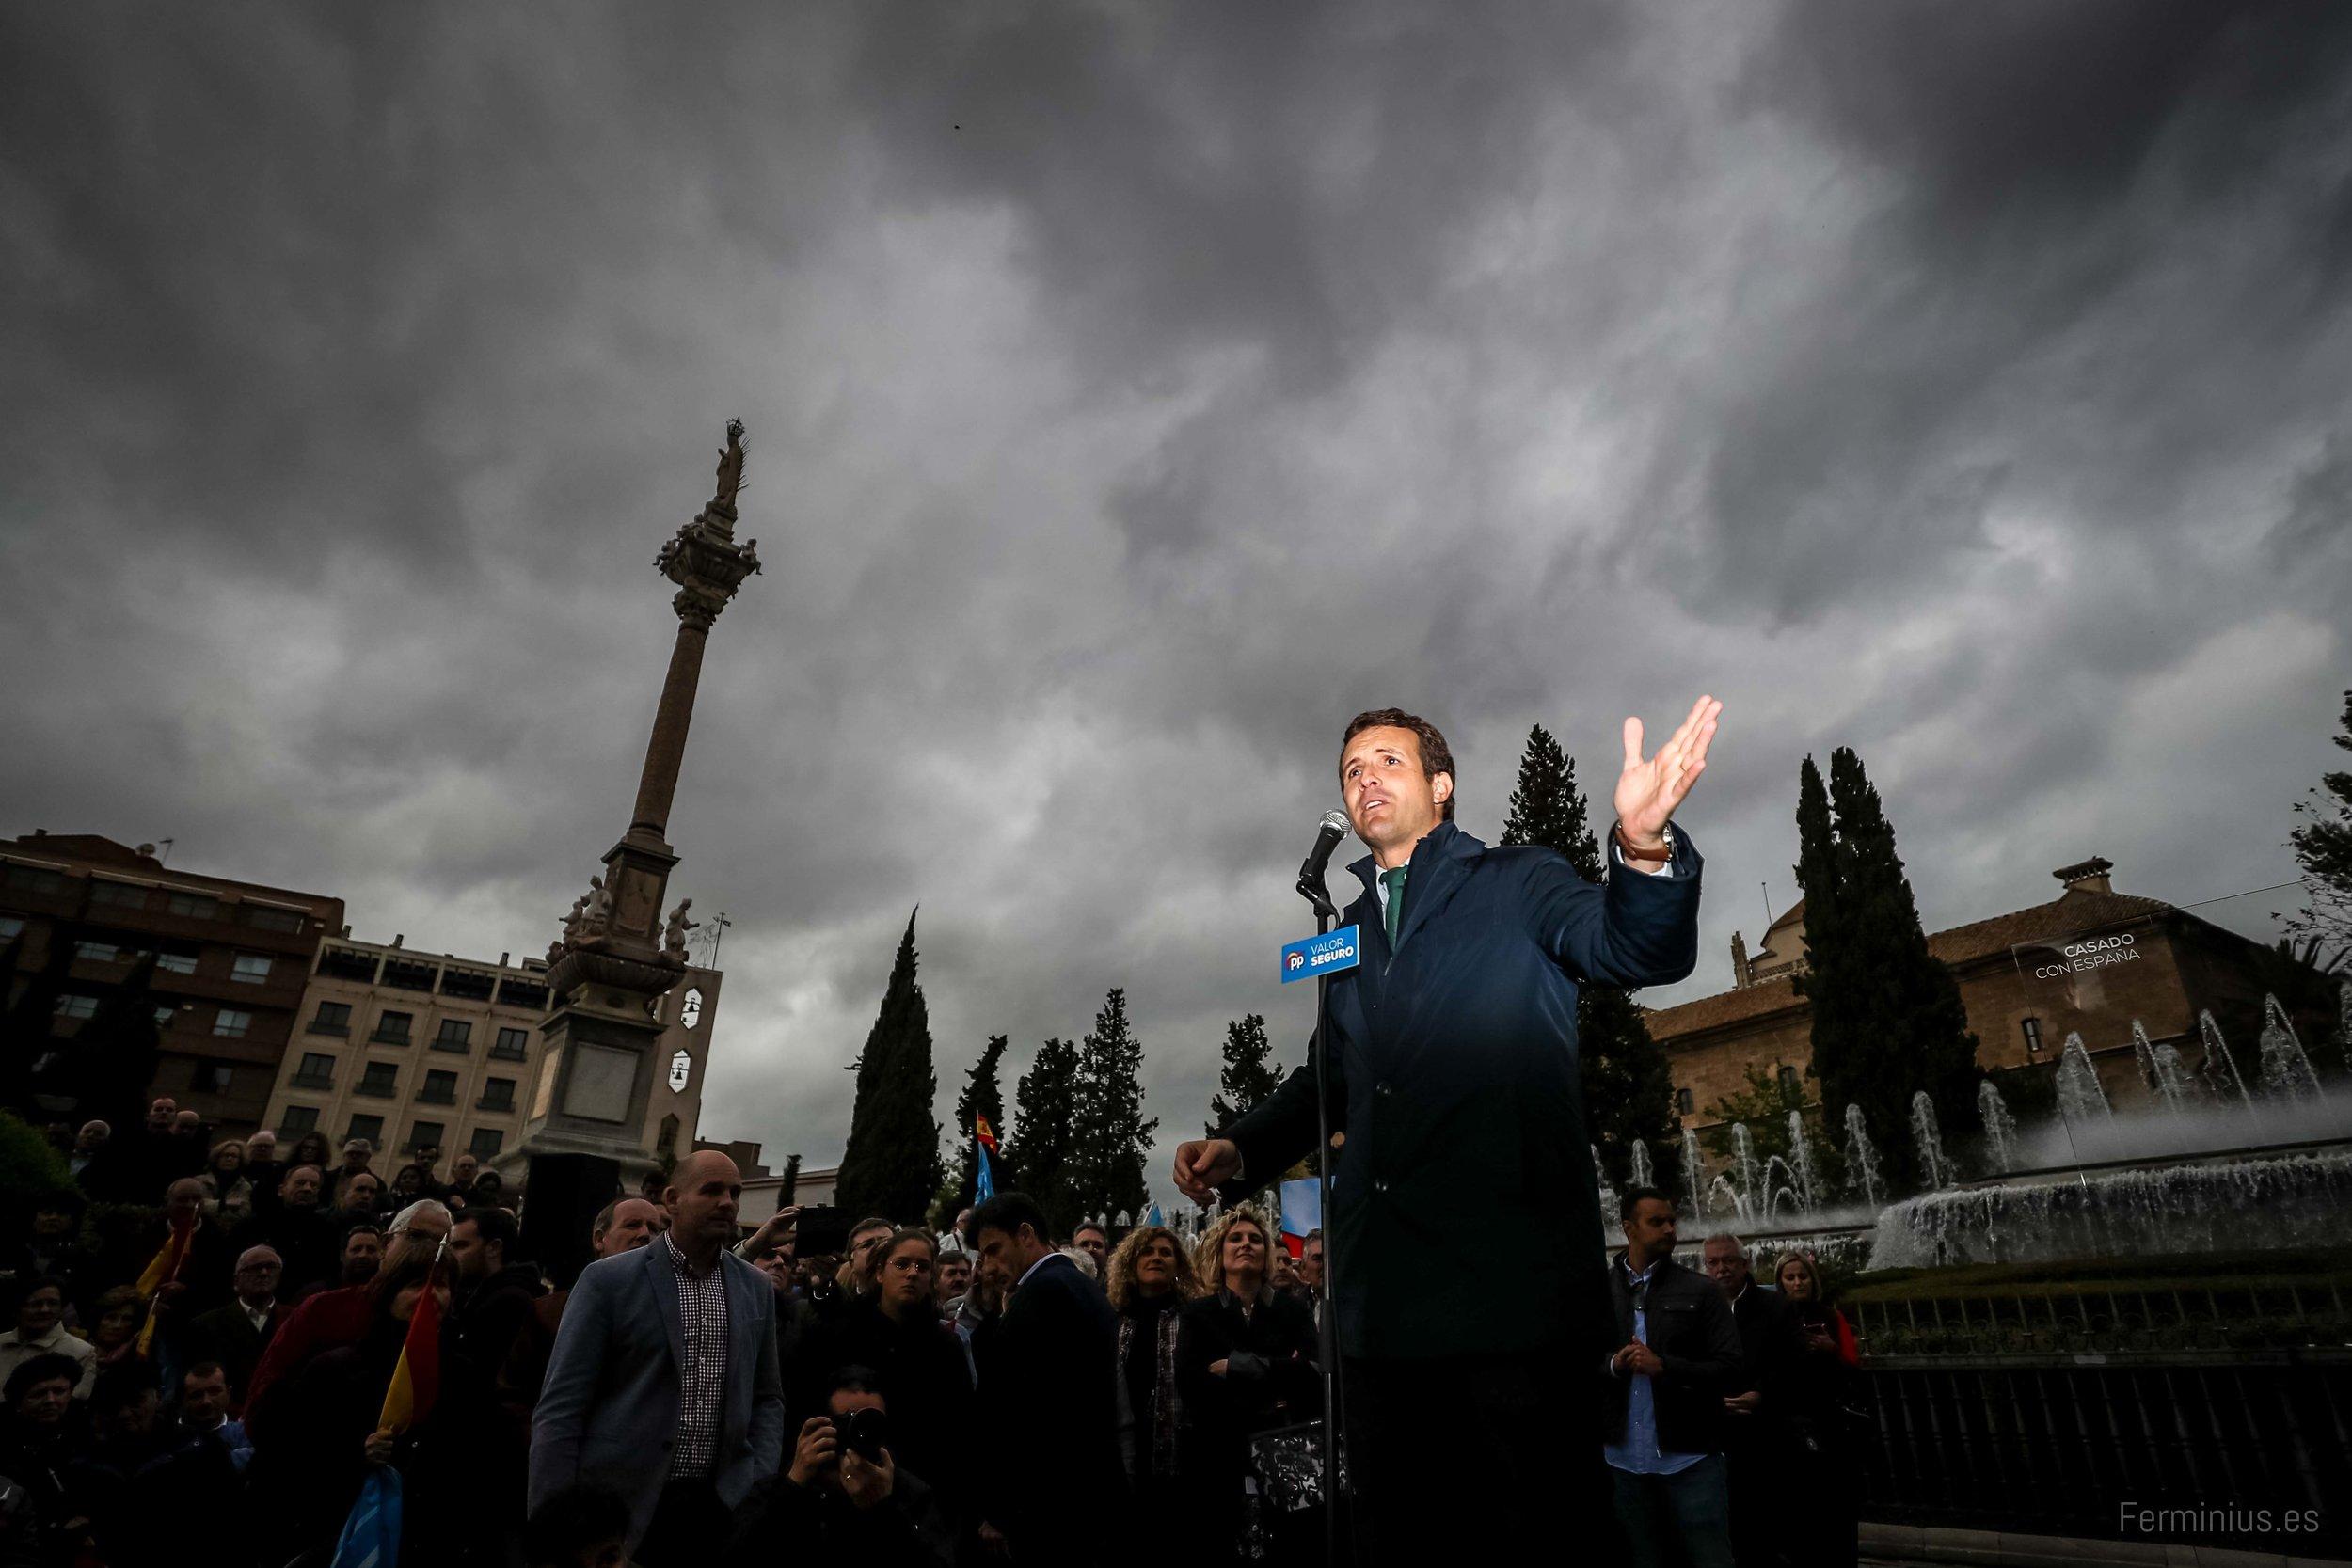 24/4/19 - El presidente nacional del Partido Popular, Pablo Casado, en un acto público de campaña en Granada